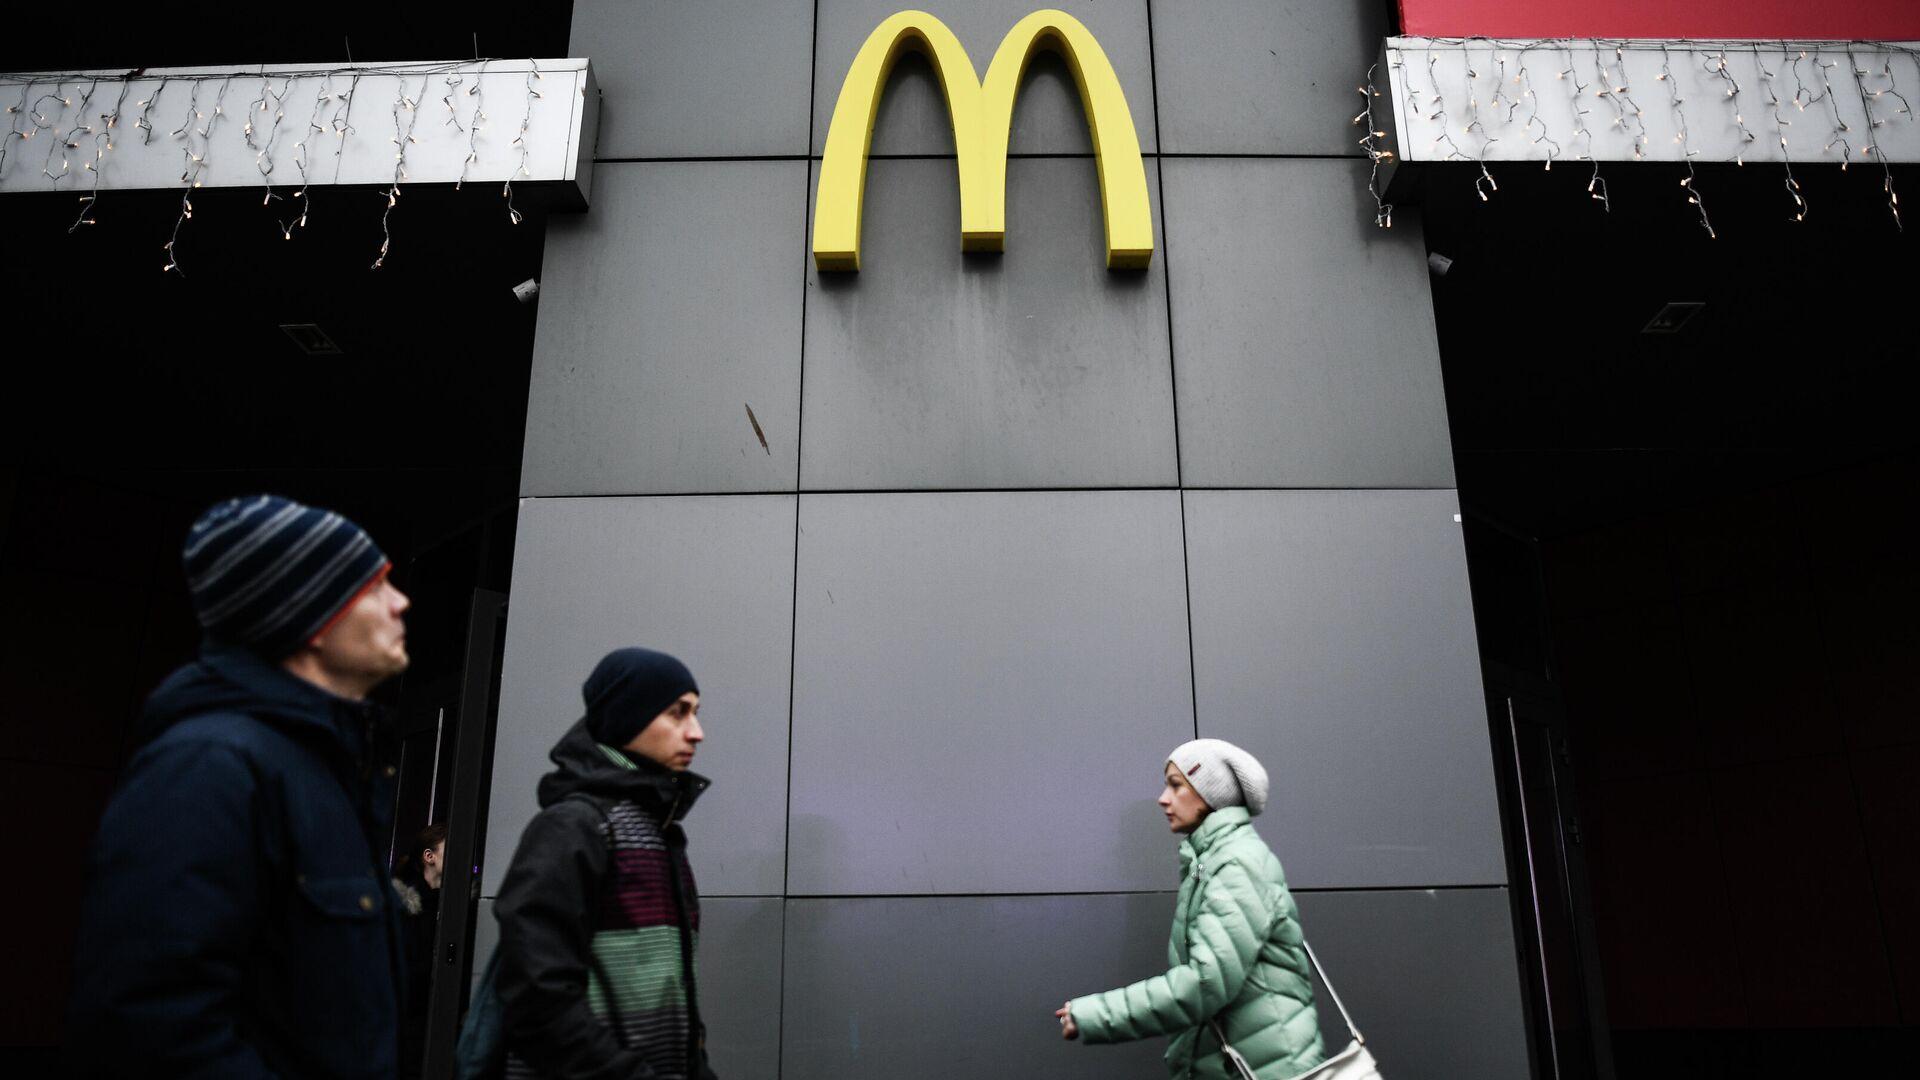 Ресторан McDonalds на Бронной улице в Москве  - РИА Новости, 1920, 03.12.2020